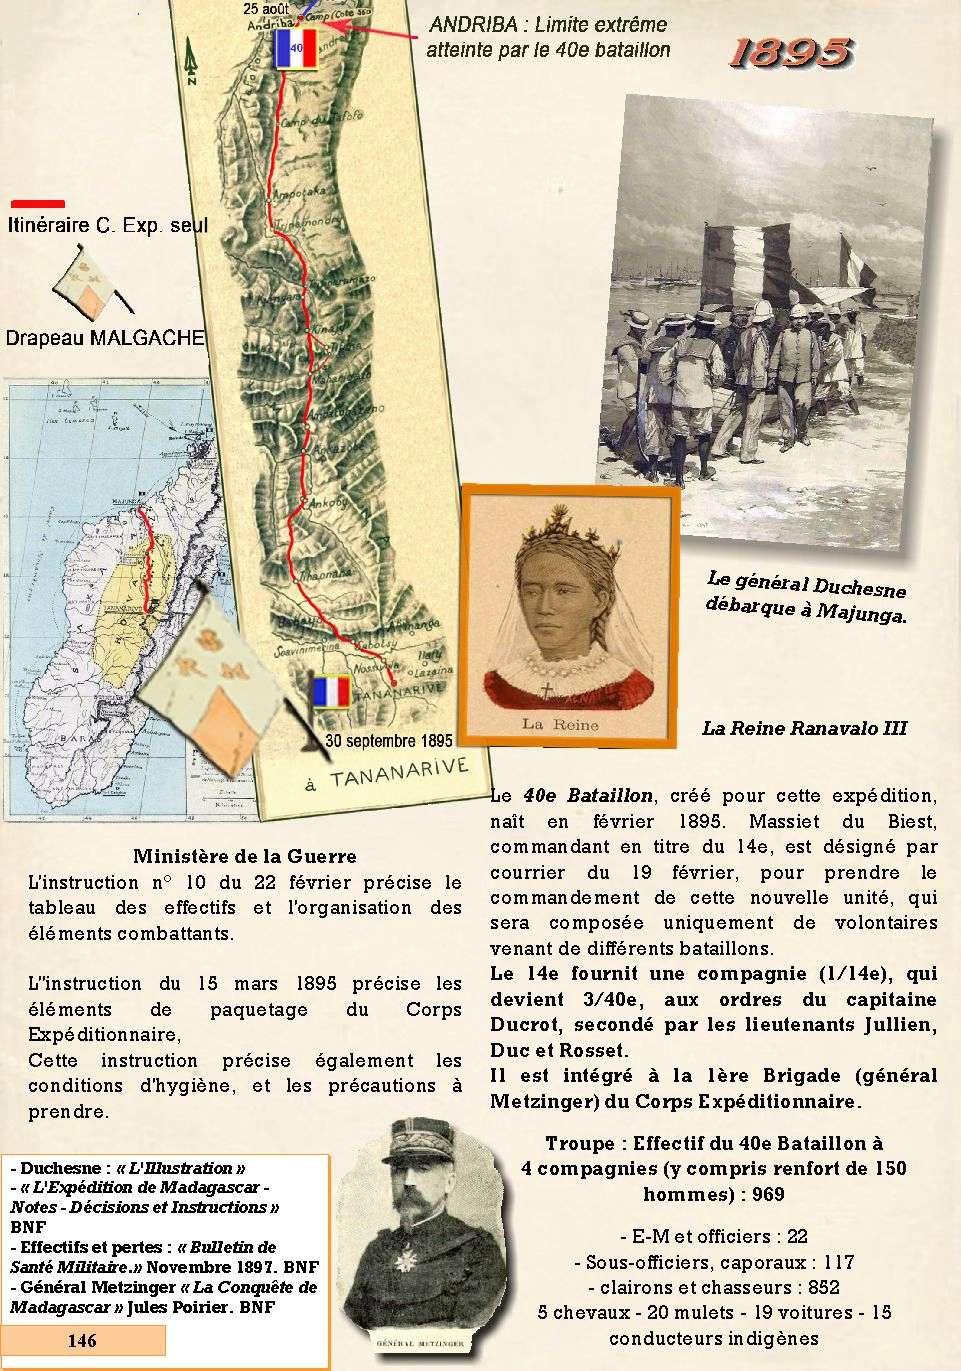 L'Historique du 14e Bataillon de Chasseurs. 1854 - 1962 Page_169